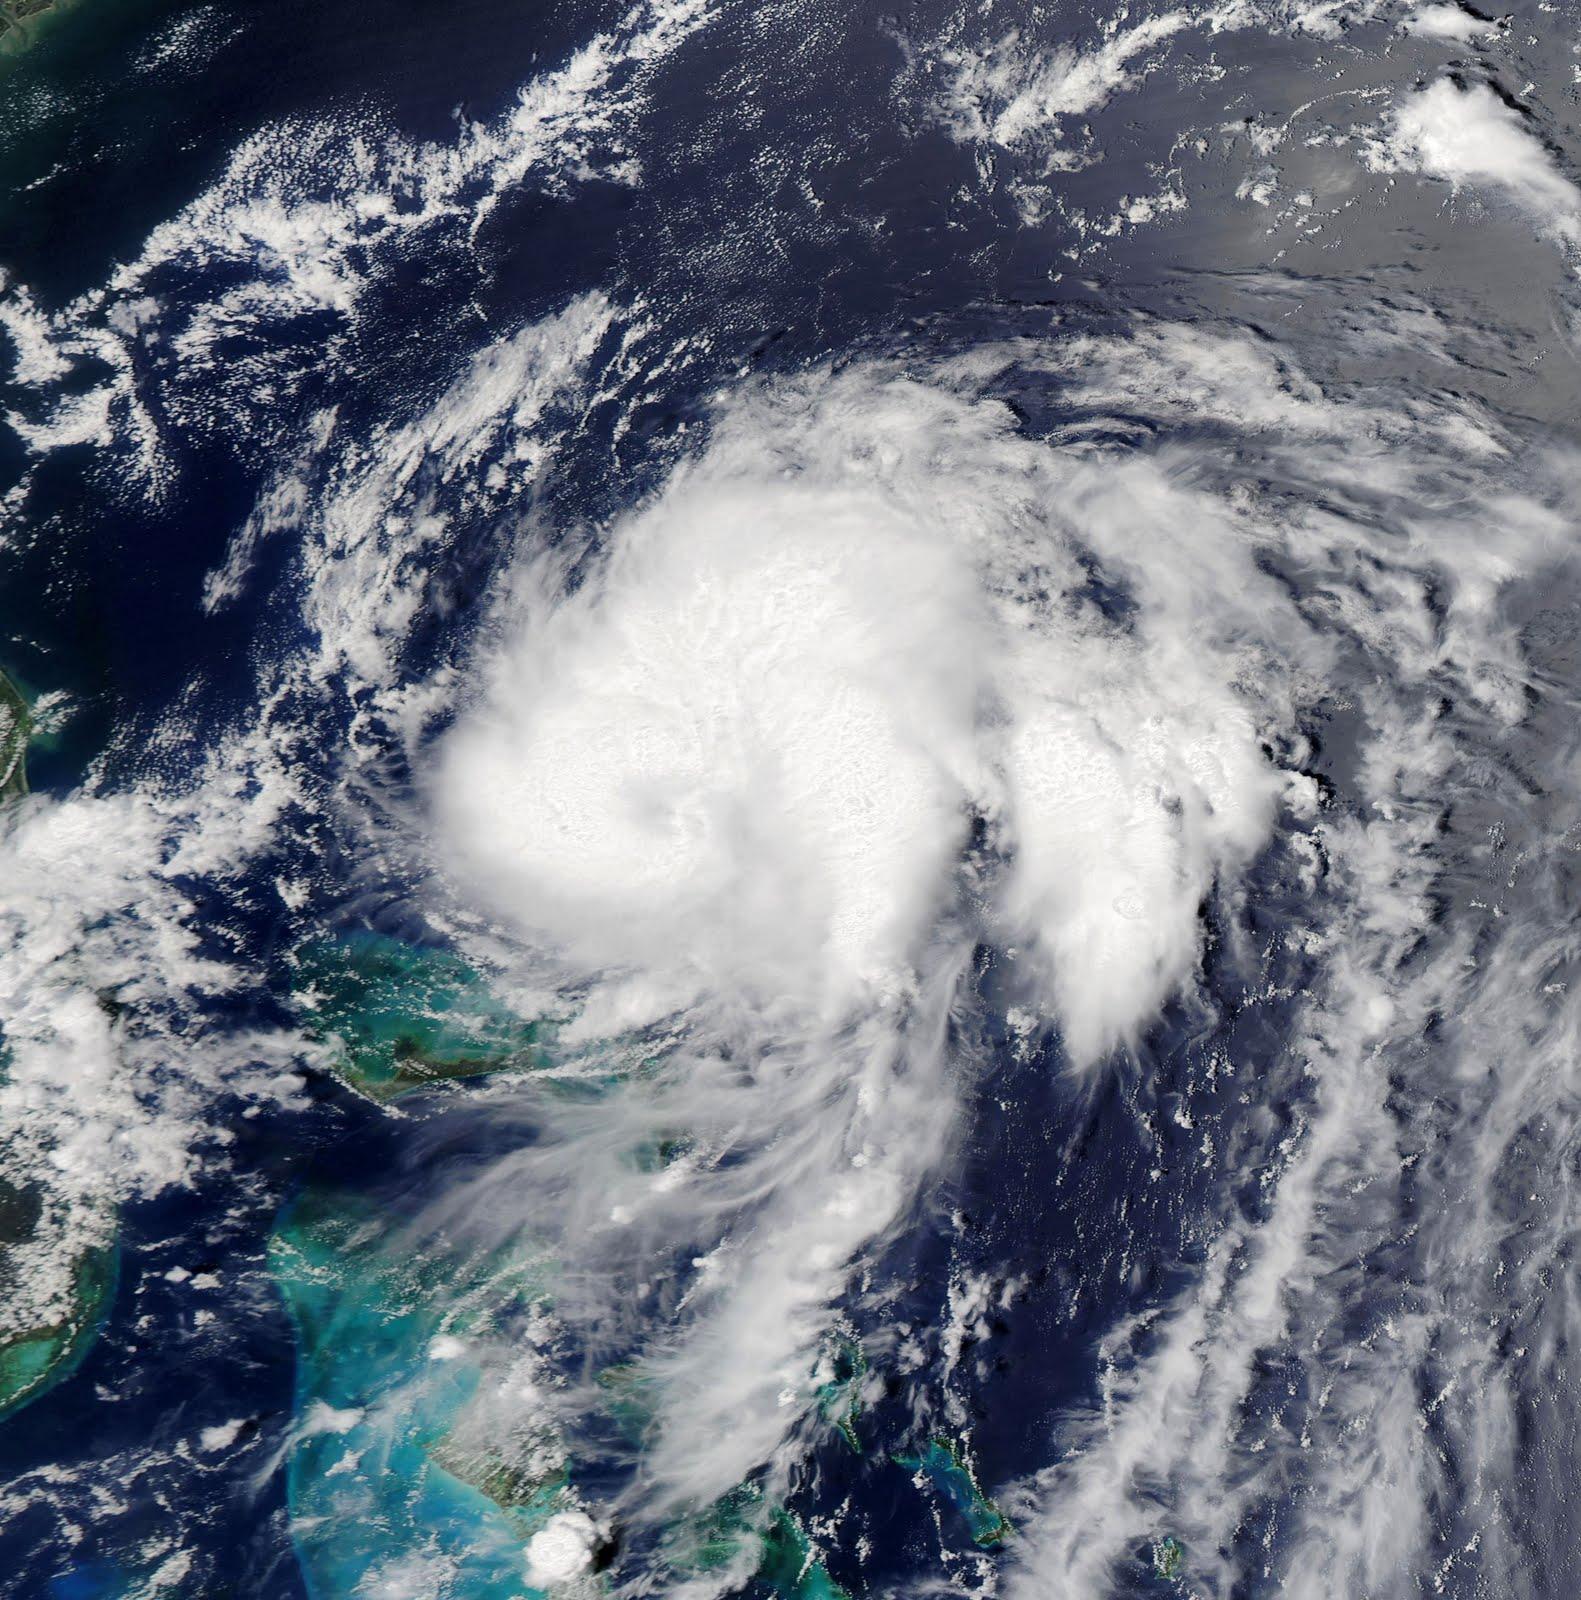 Hawaii bet at home jej konto jest zamknięte bet www.bet at home.com logowanie kasynie at home strumieniowe mobilnej Weather Hurricane Forecast